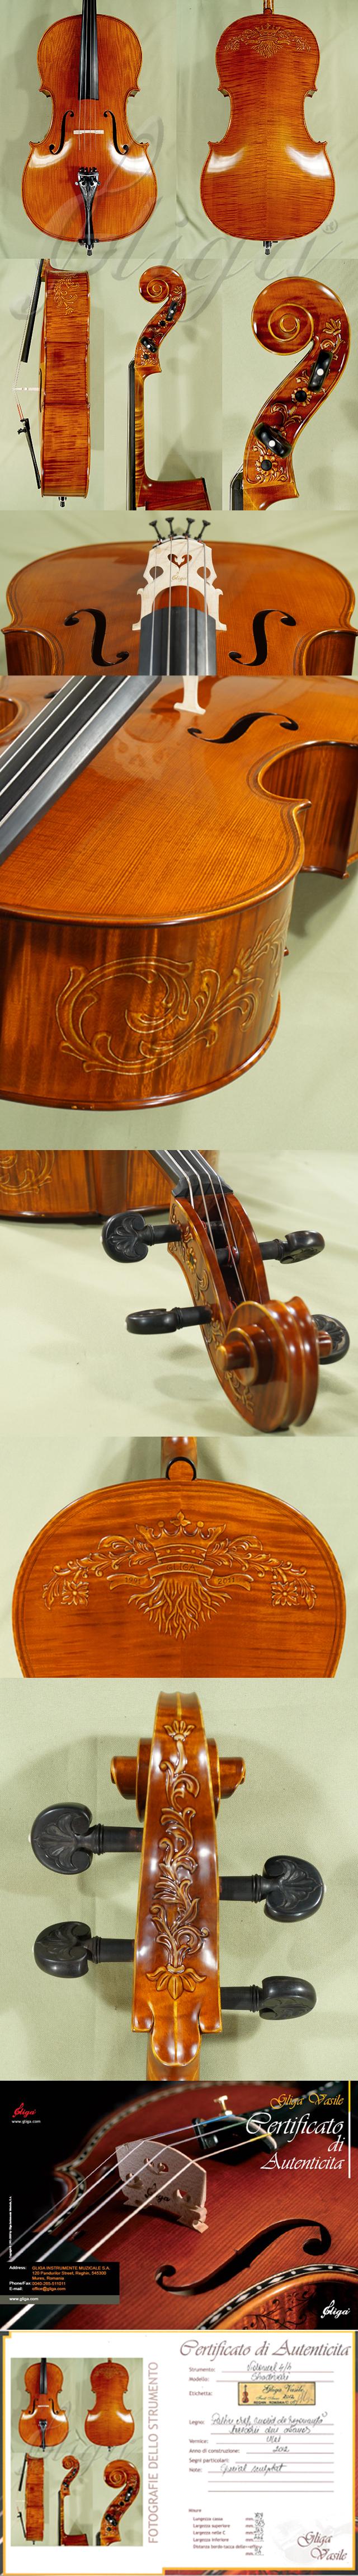 4/4 MAESTRO VASILE GLIGA Inlaid Double Purfling Cello